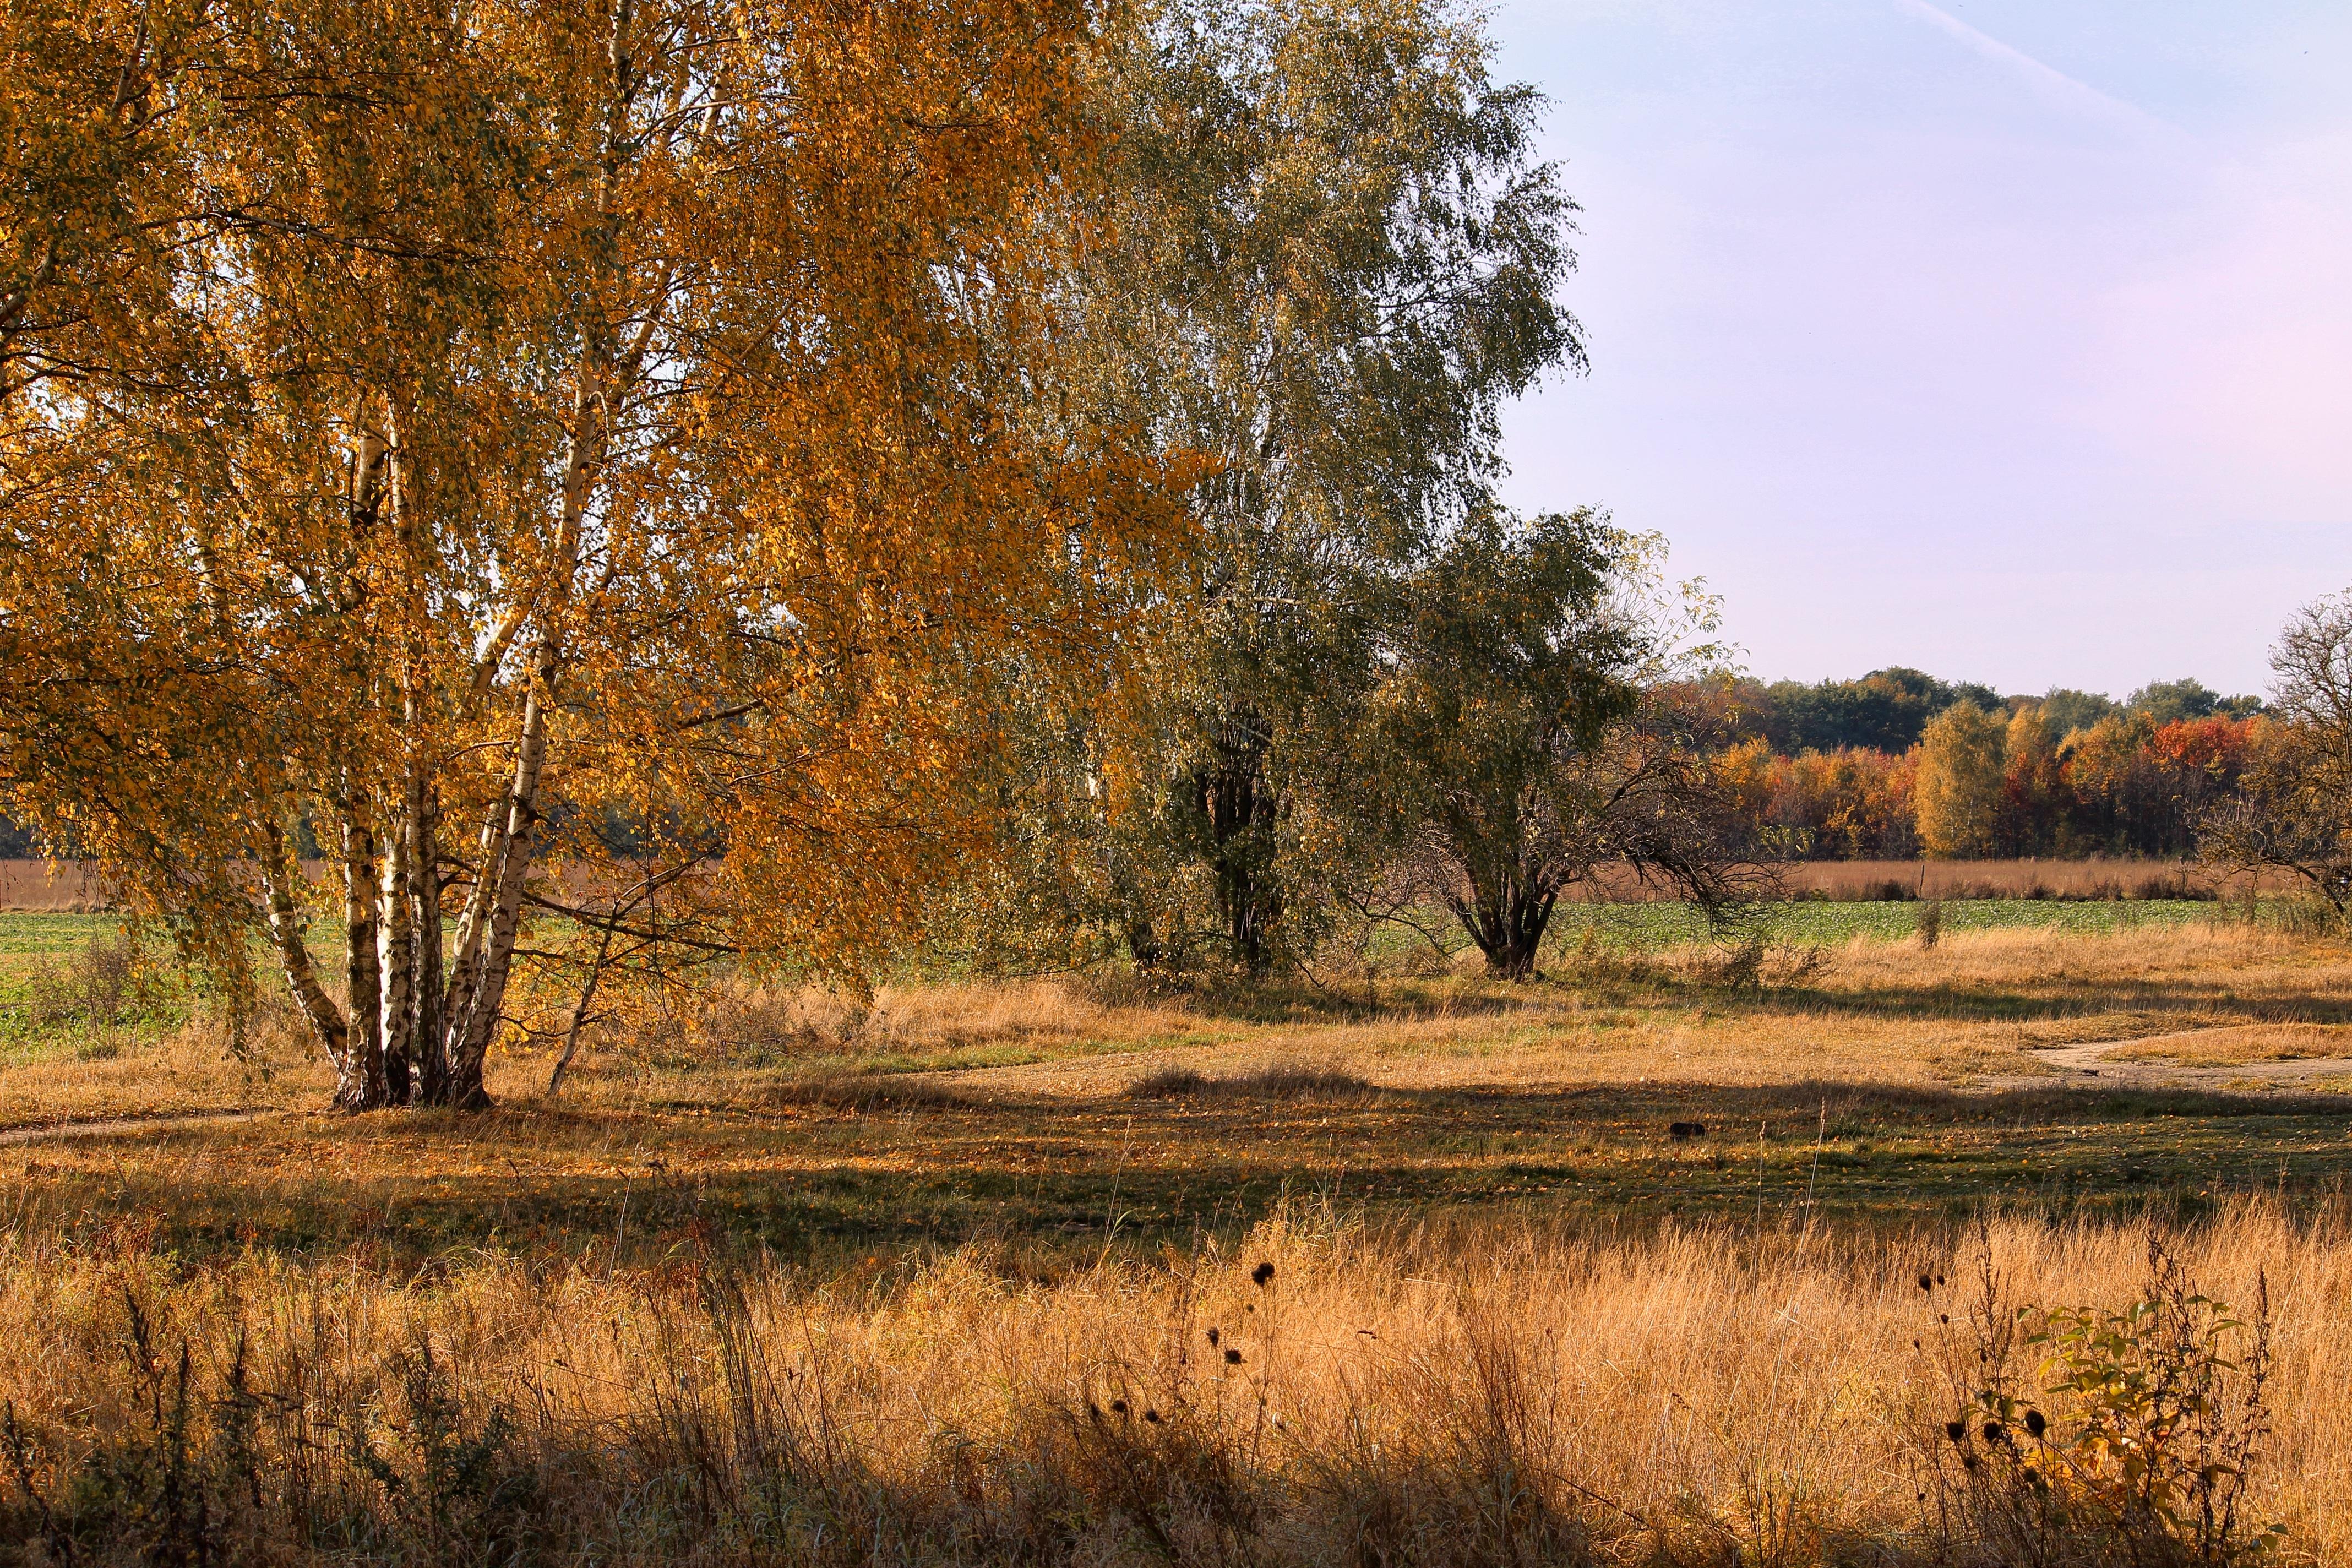 Gambar Pemandangan Pohon Alam Rawa Gurun Menanam Bidang